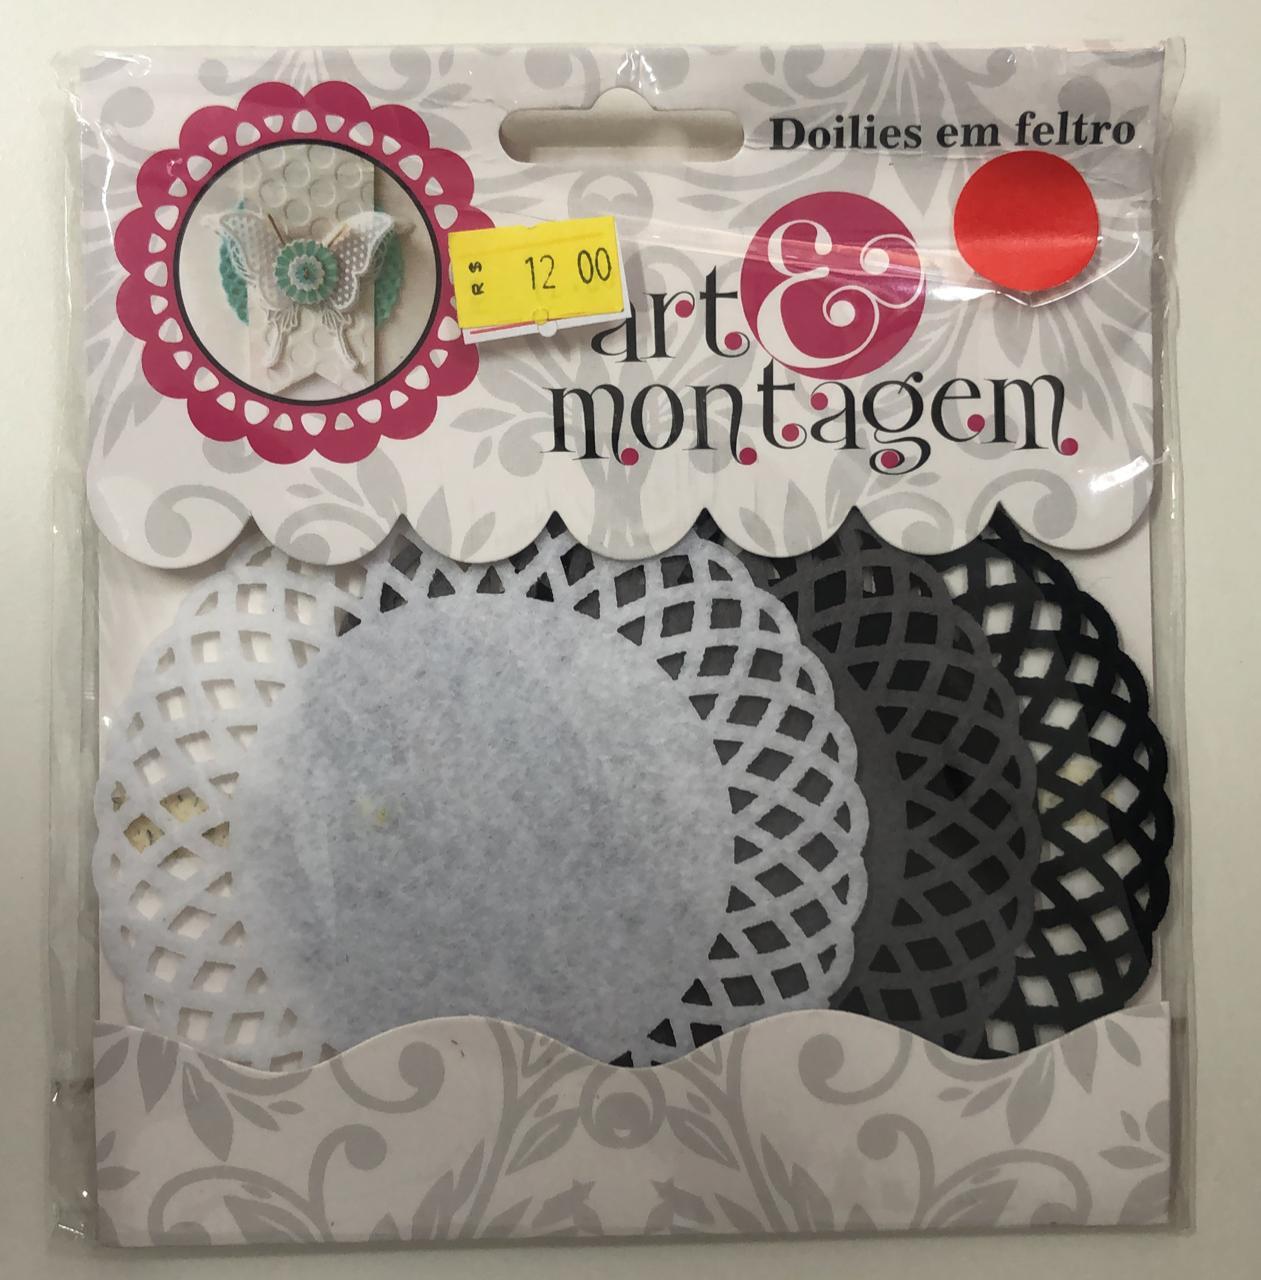 Doilies em Feltro - Art e Montagem (FL015)